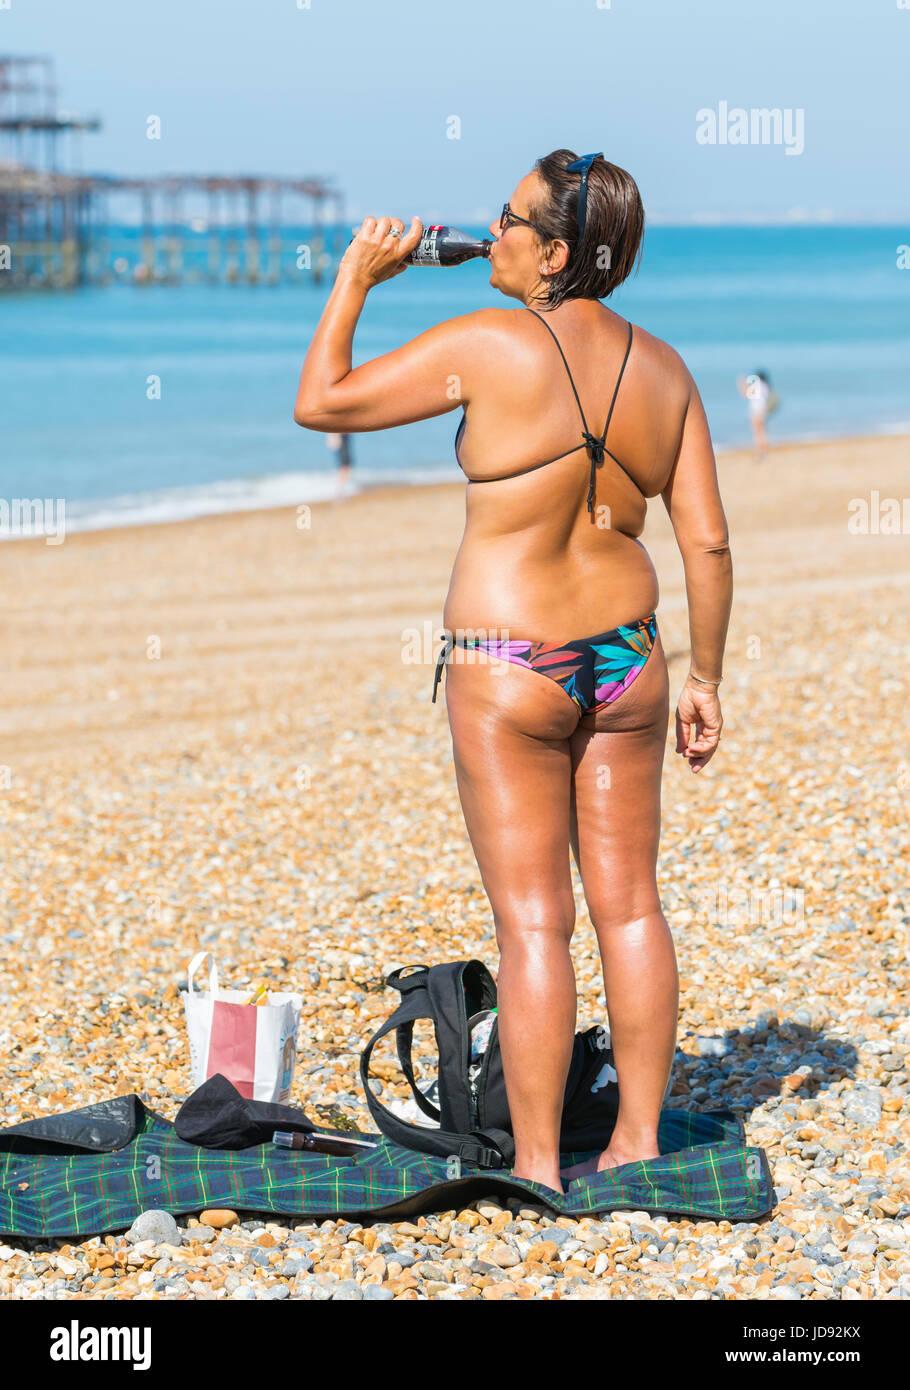 Sommer-Konzept. Sommerdrink. Sehr gebräunte Frau im Bikini mit einem Drink am Strand an einem heißen Sommertag Stockbild